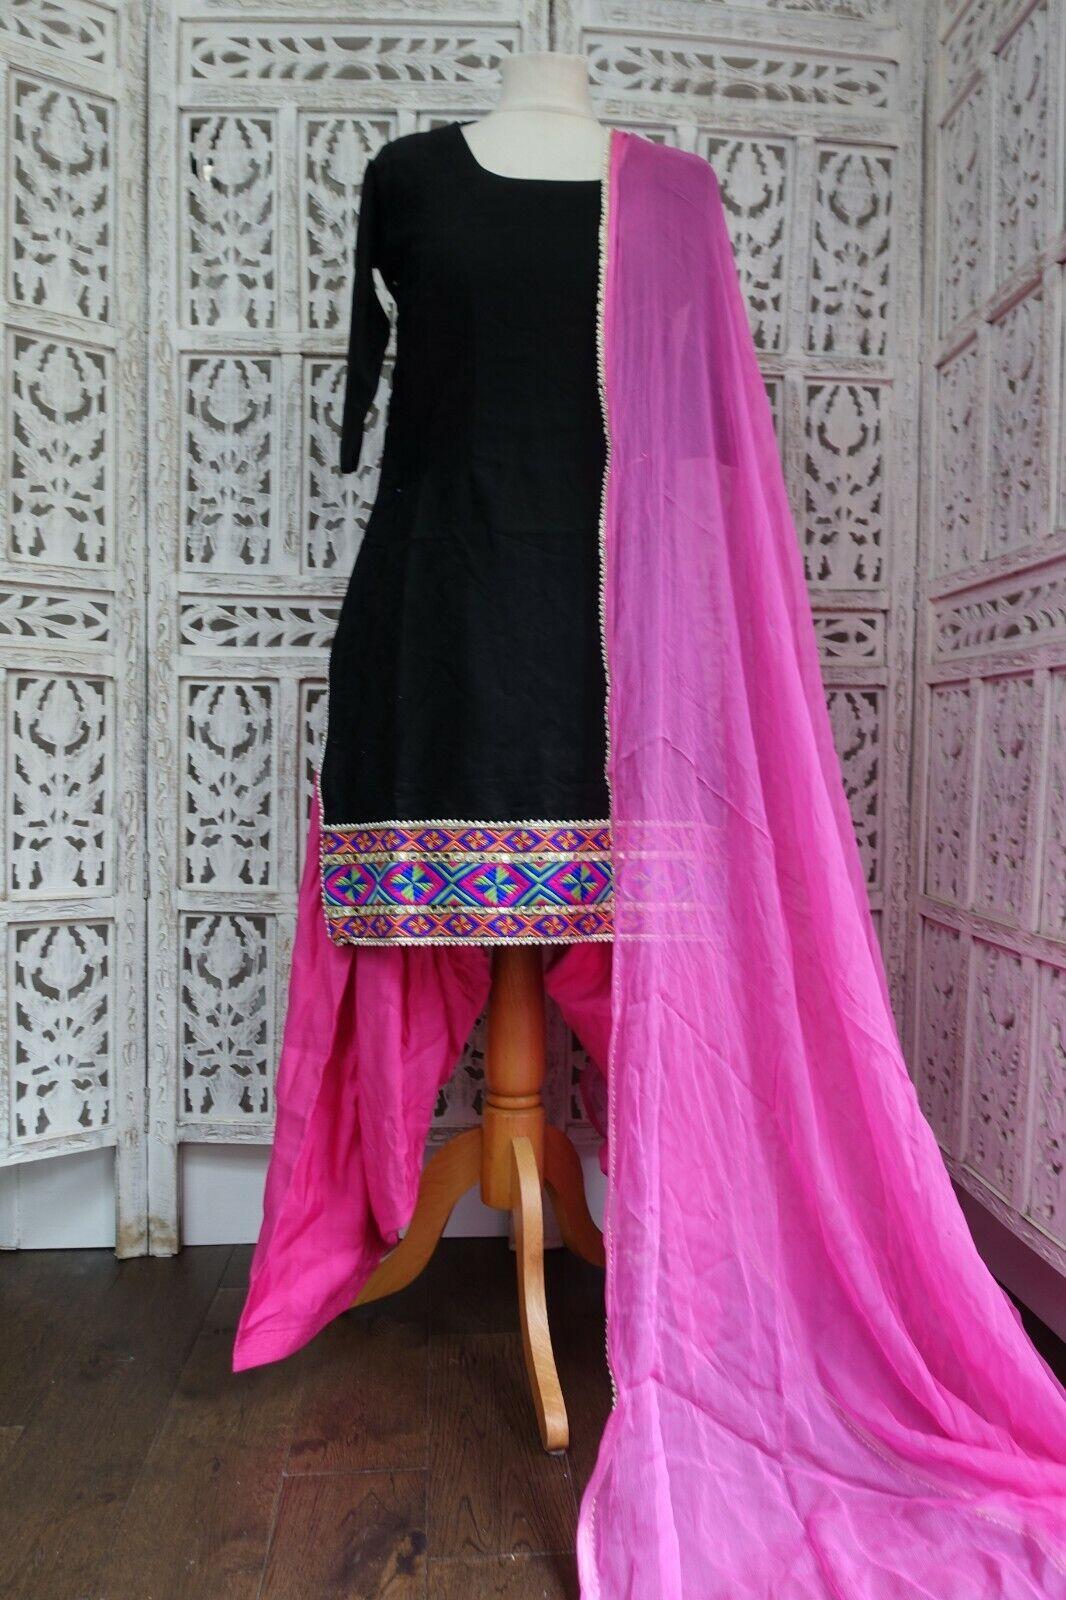 Black & pink Indian salwar kameez UK Size 10 / EU 36 – preloved - SKU16480